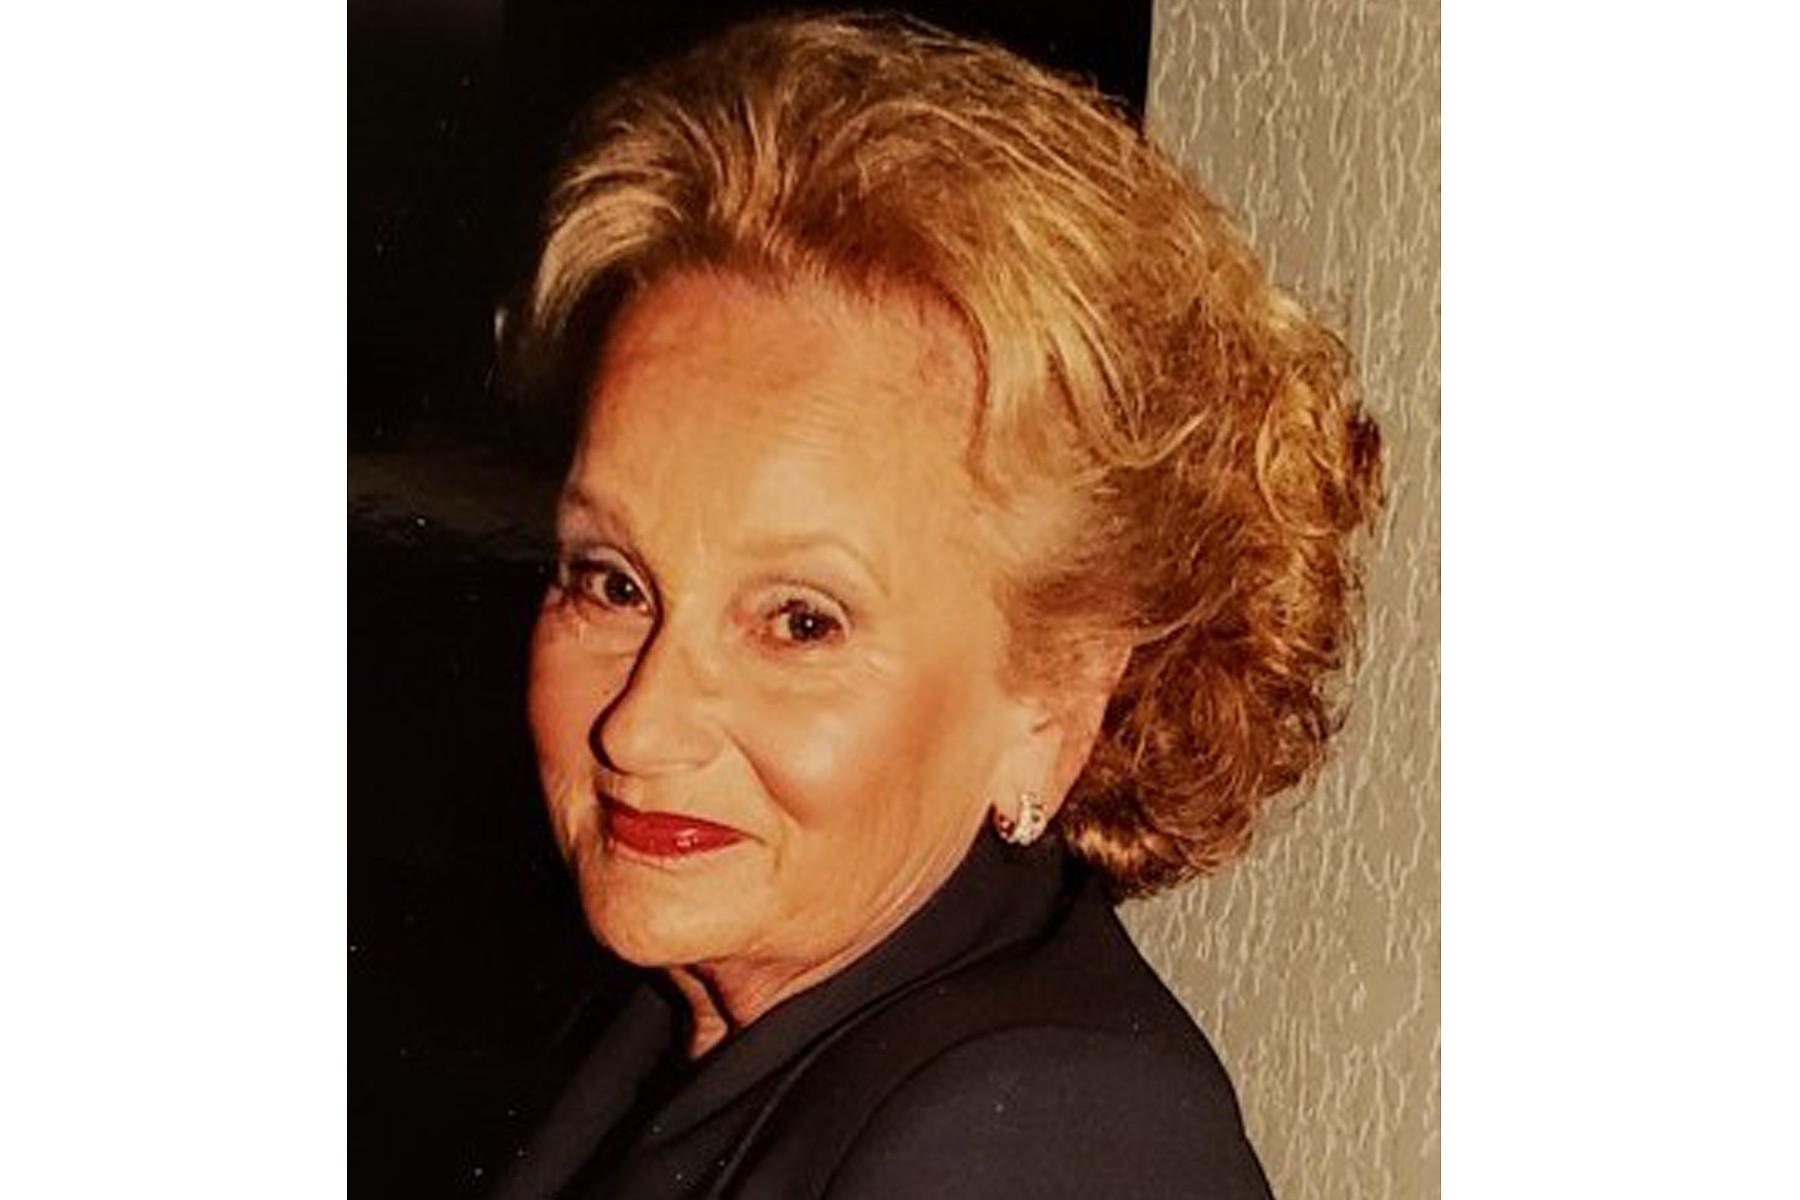 Holocaust survivor Margit Feldman dies of coronavirus